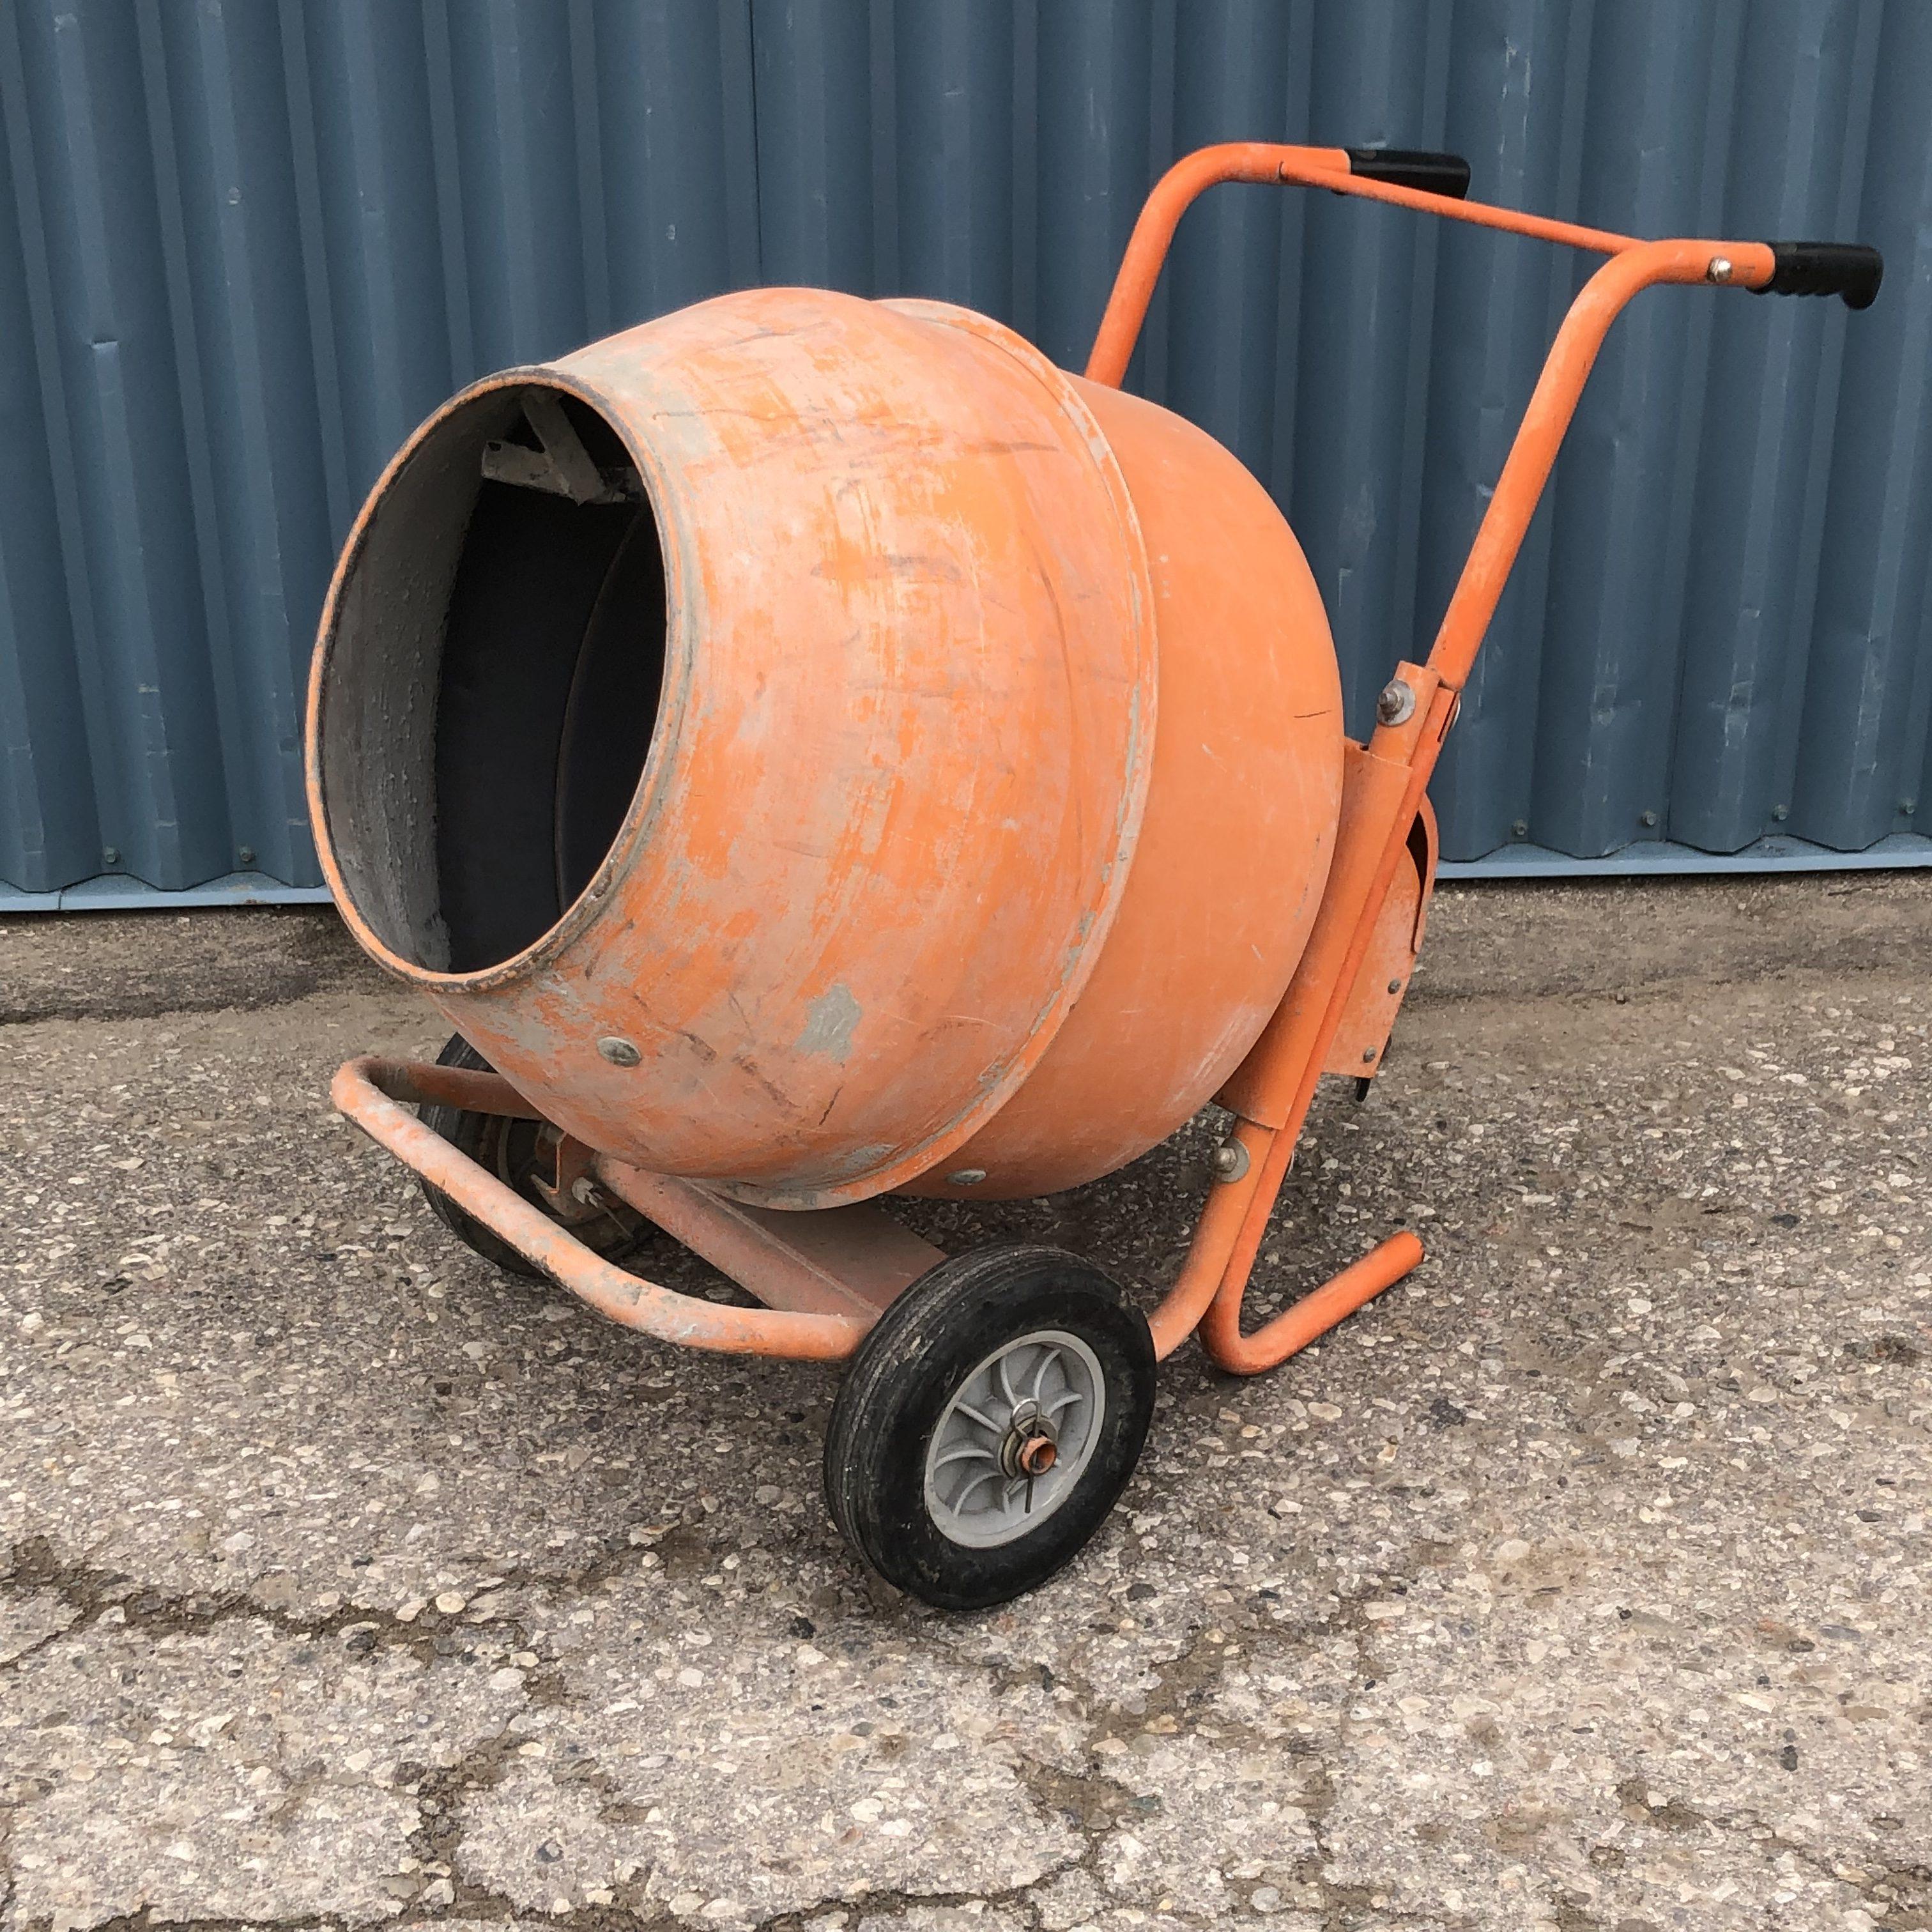 Cement Mixer Wheelbarrow Image